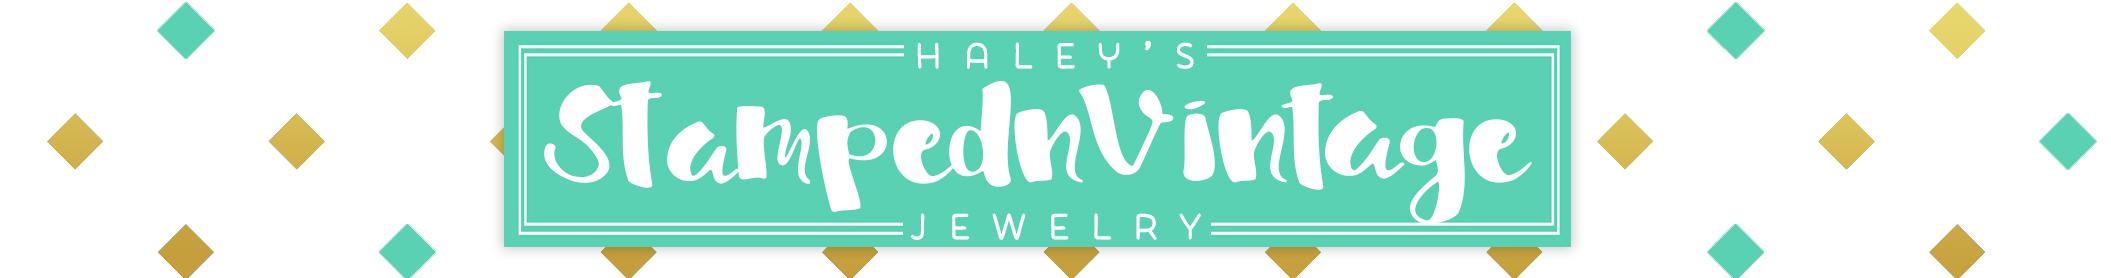 Haley's Vintage StampednVintage Jewelry